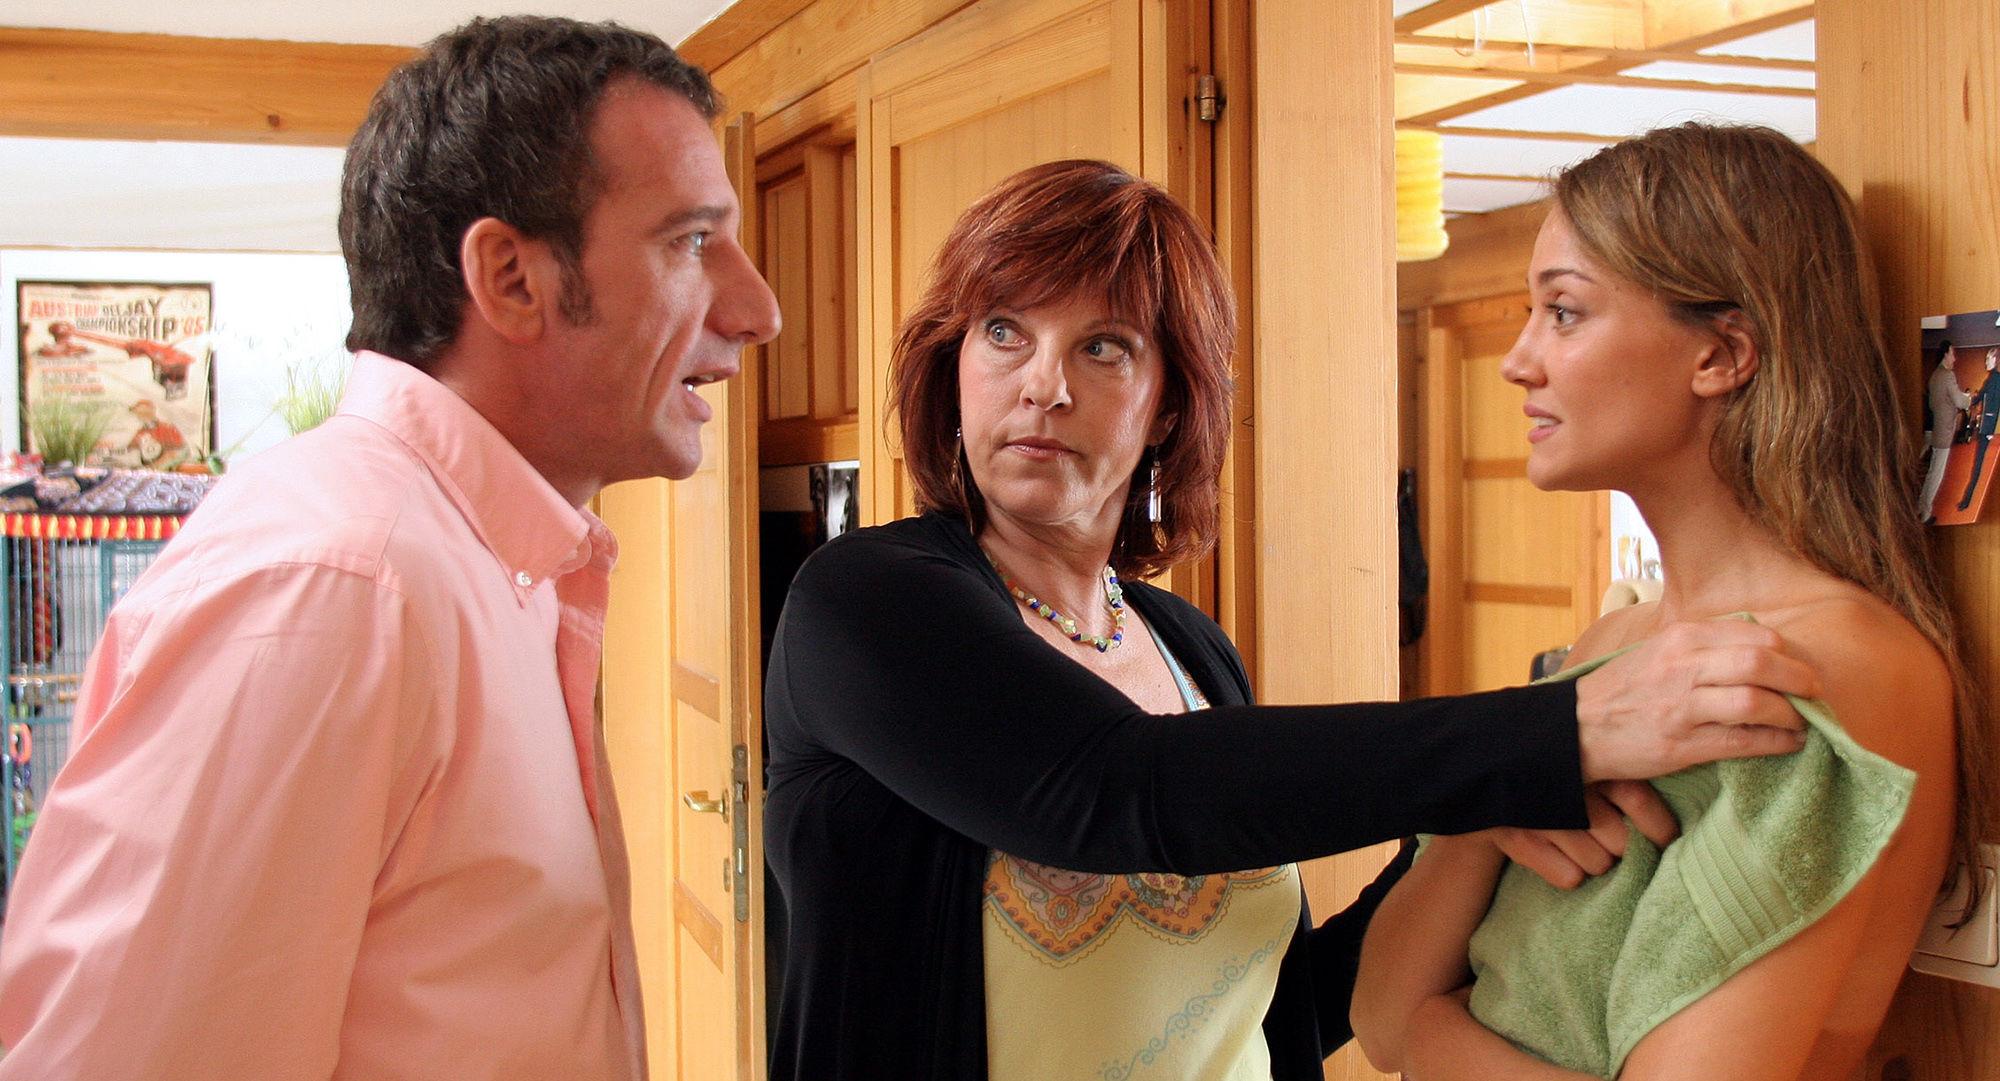 Heio von Stetten (Peter Sommer), Elfi Eschke (Jackie Hecht), Nicole Ennemoser (Maria Hecht)